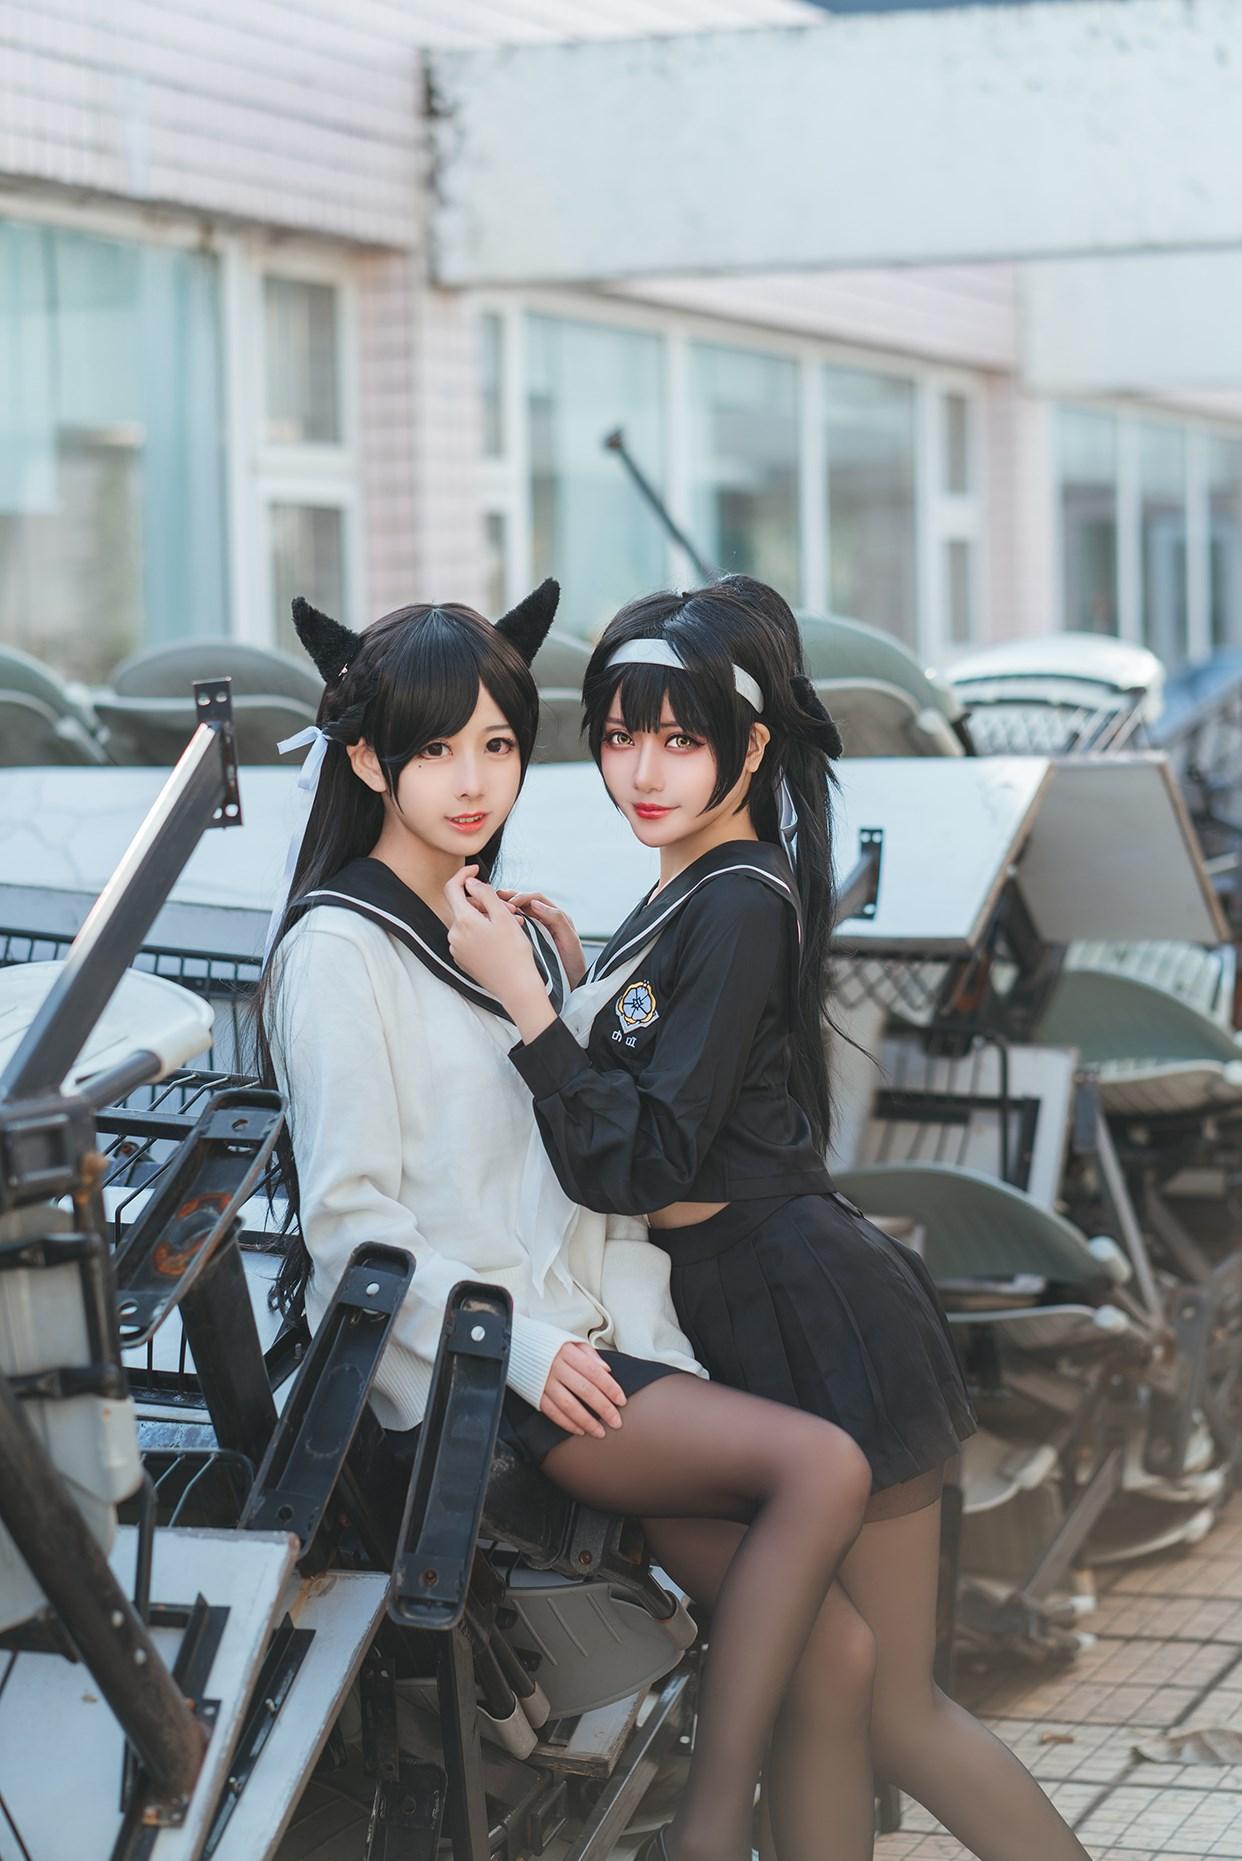 【兔玩映画】vol.04-高雄爱宕 兔玩映画 第1张